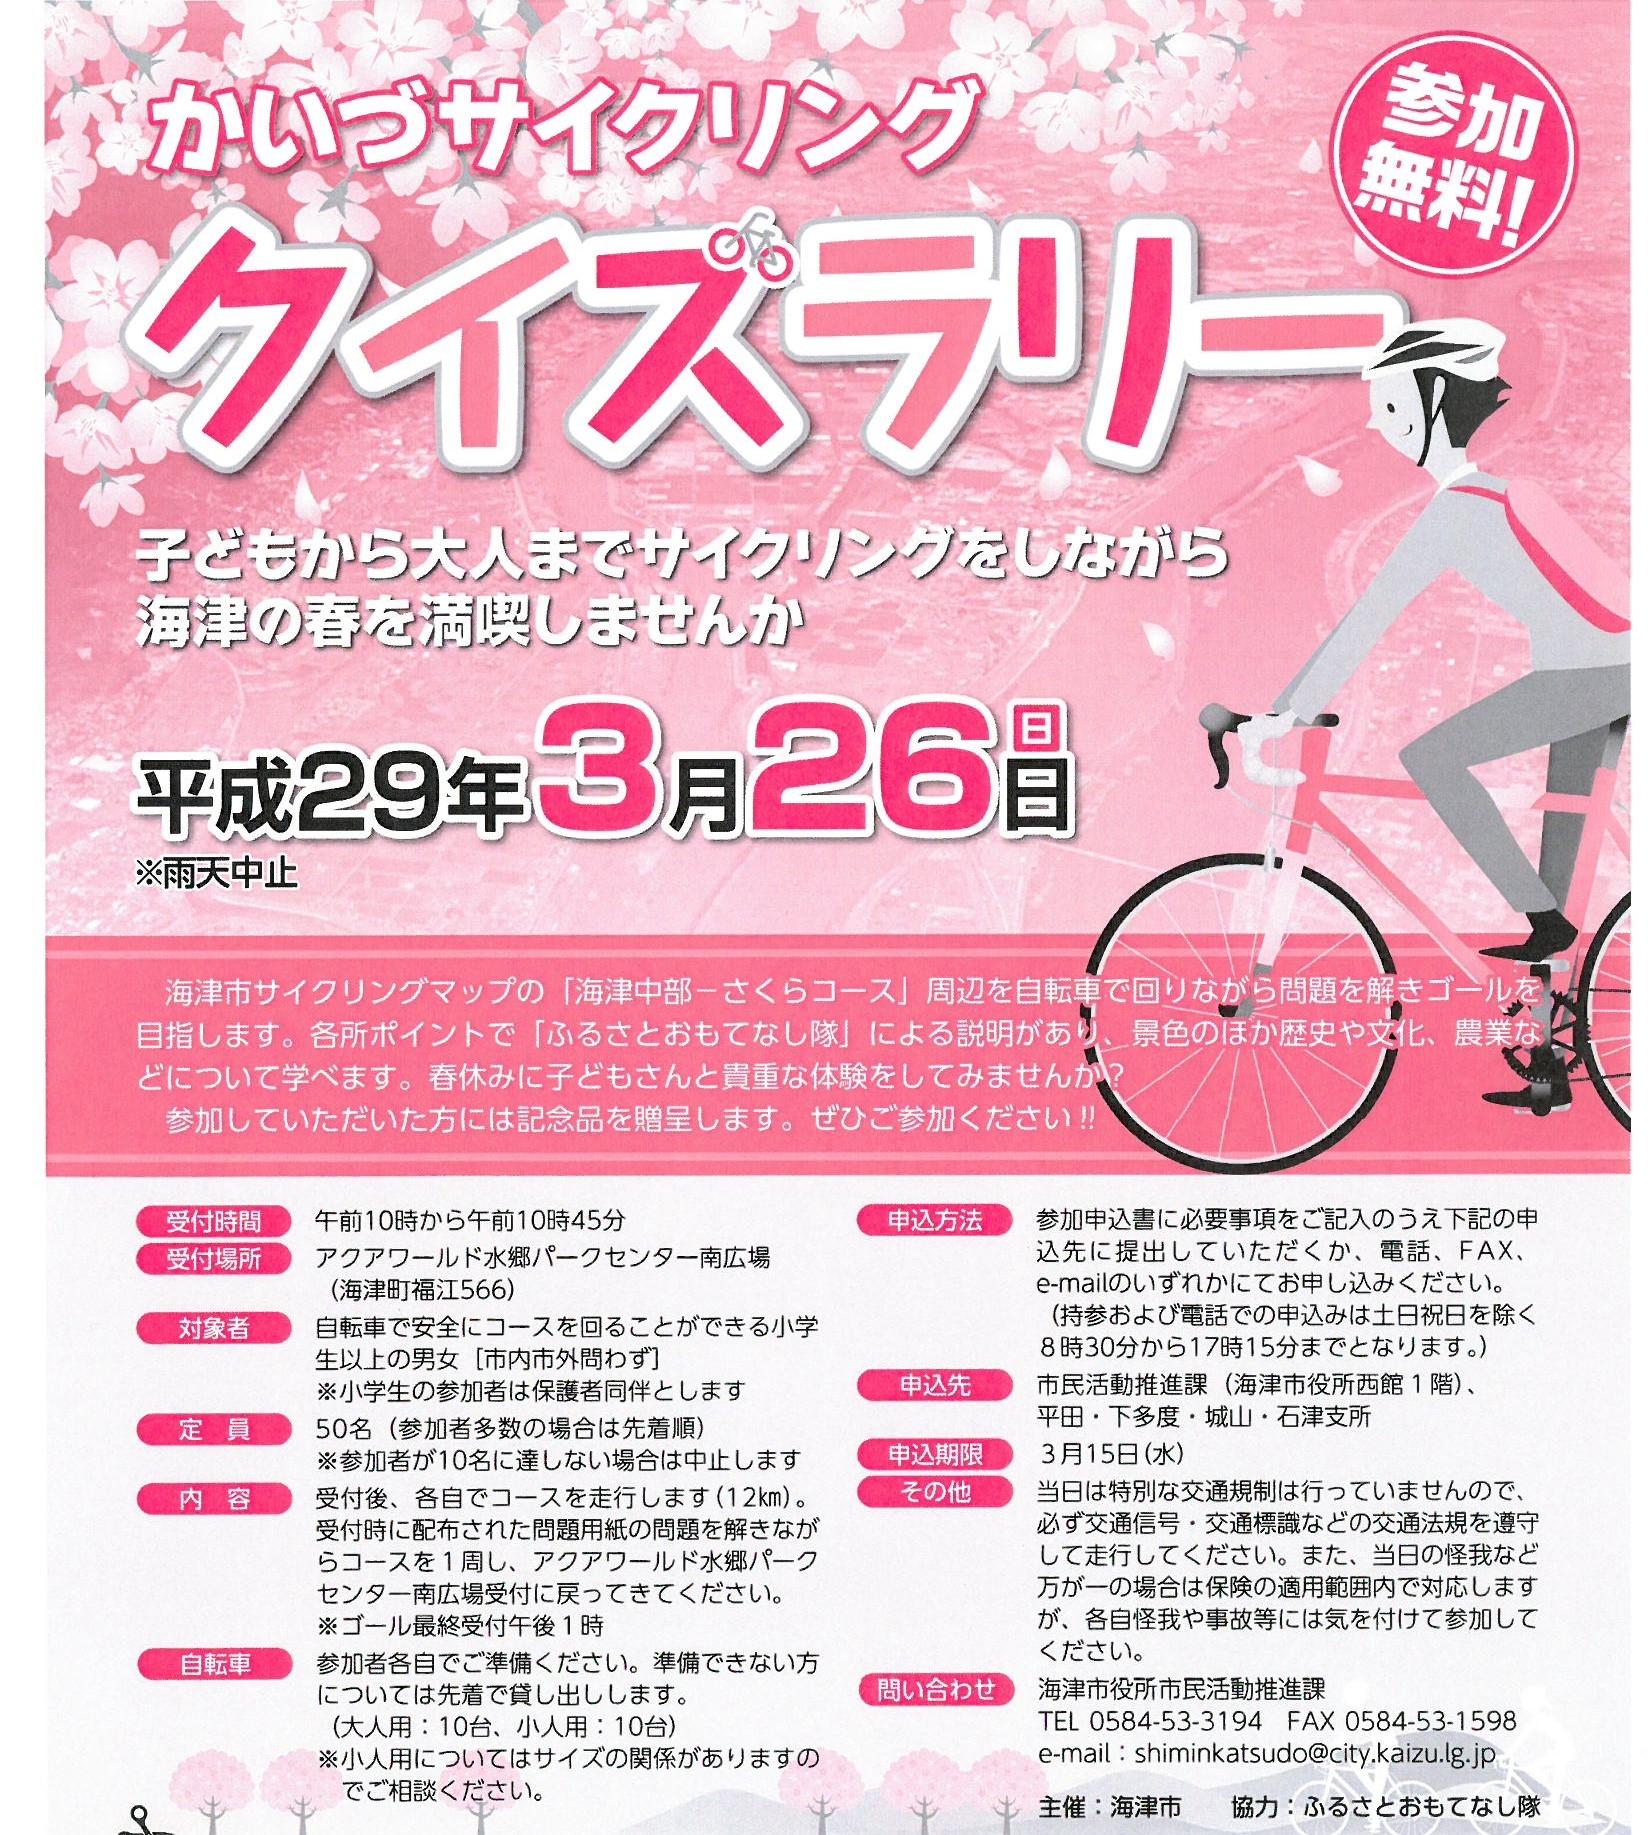 かいづサイクリング クイズラリー